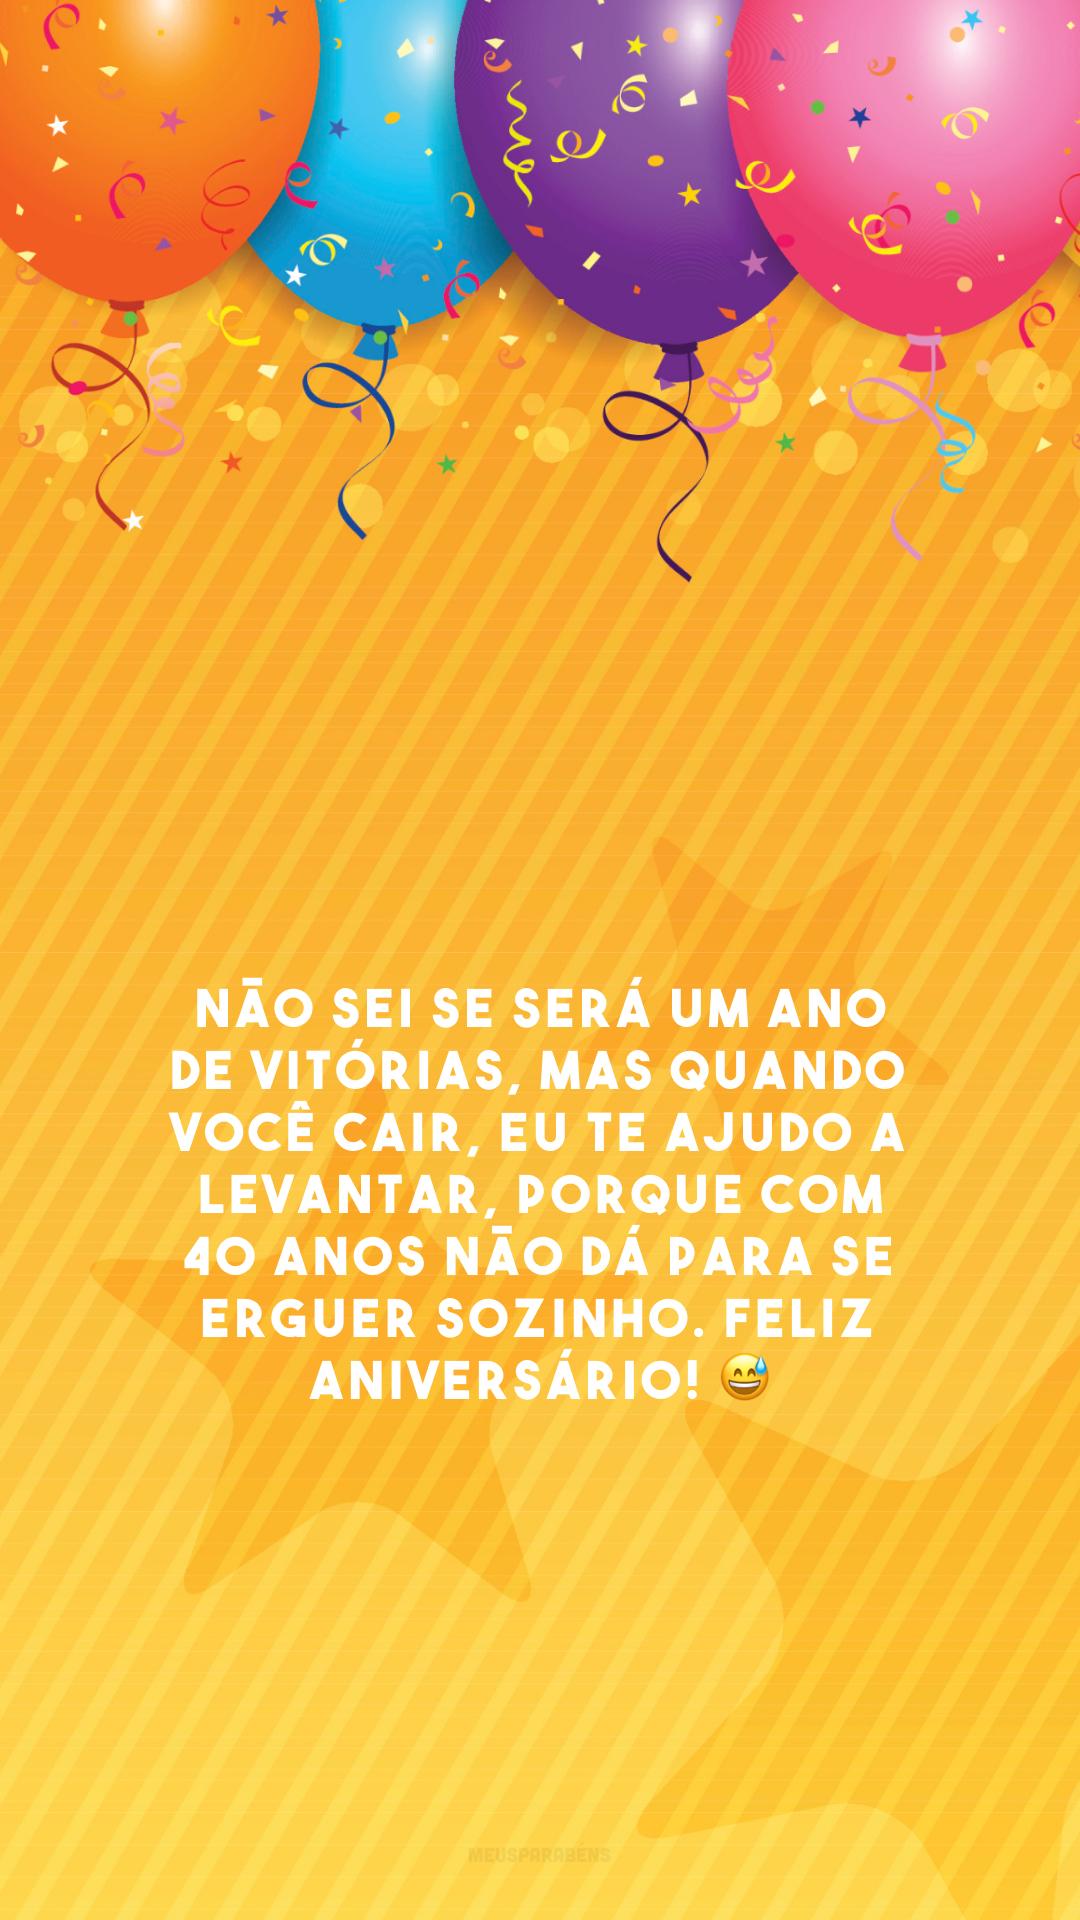 Não sei se será um ano de vitórias, mas quando você cair, eu te ajudo a levantar, porque com 40 anos não dá para se erguer sozinho. Feliz aniversário! 😅